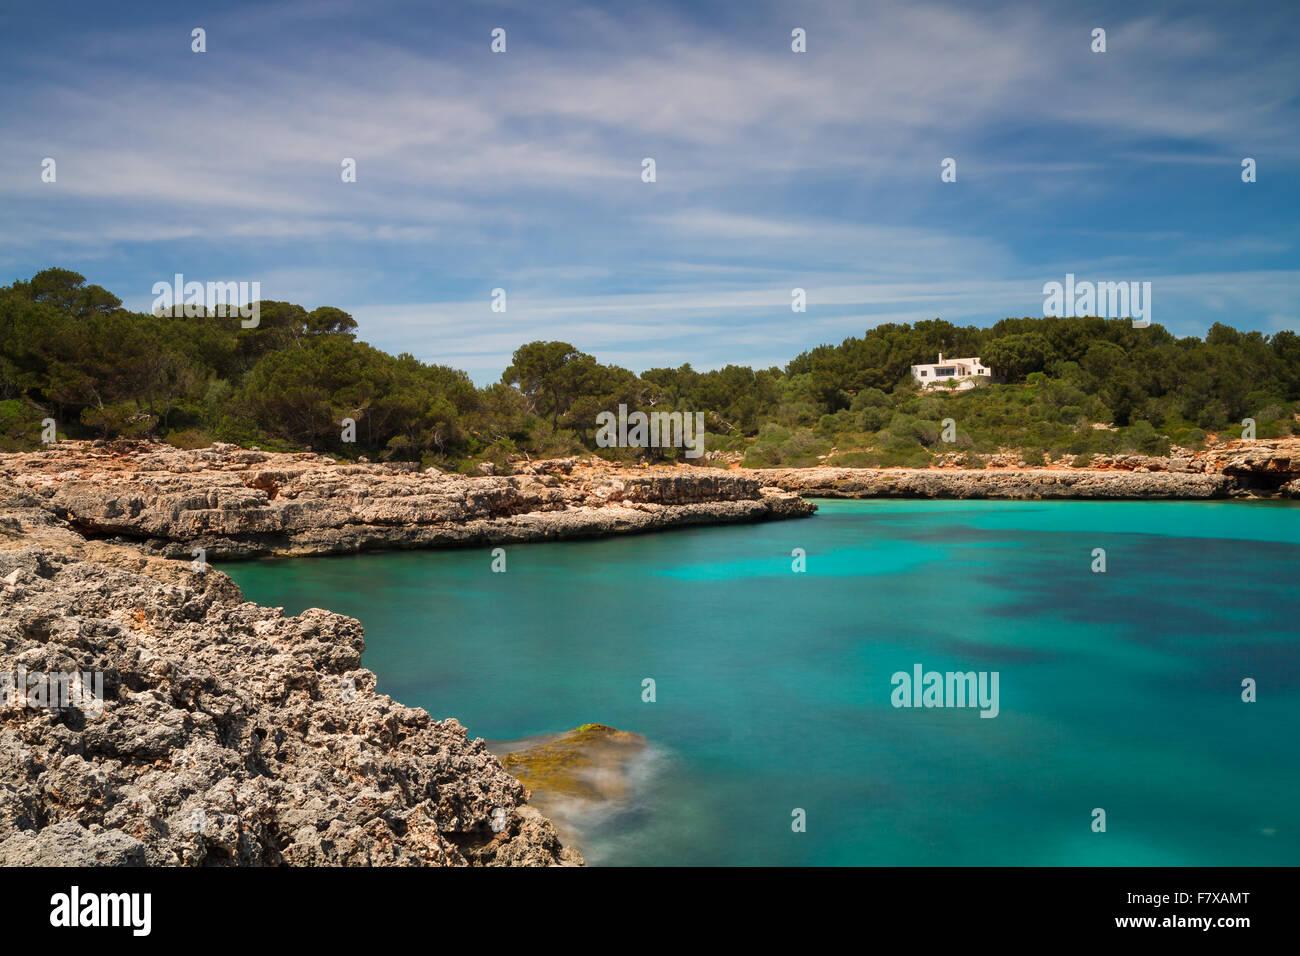 Rocks at Cala Sa Nau - Long Exposure Version - Stock Image